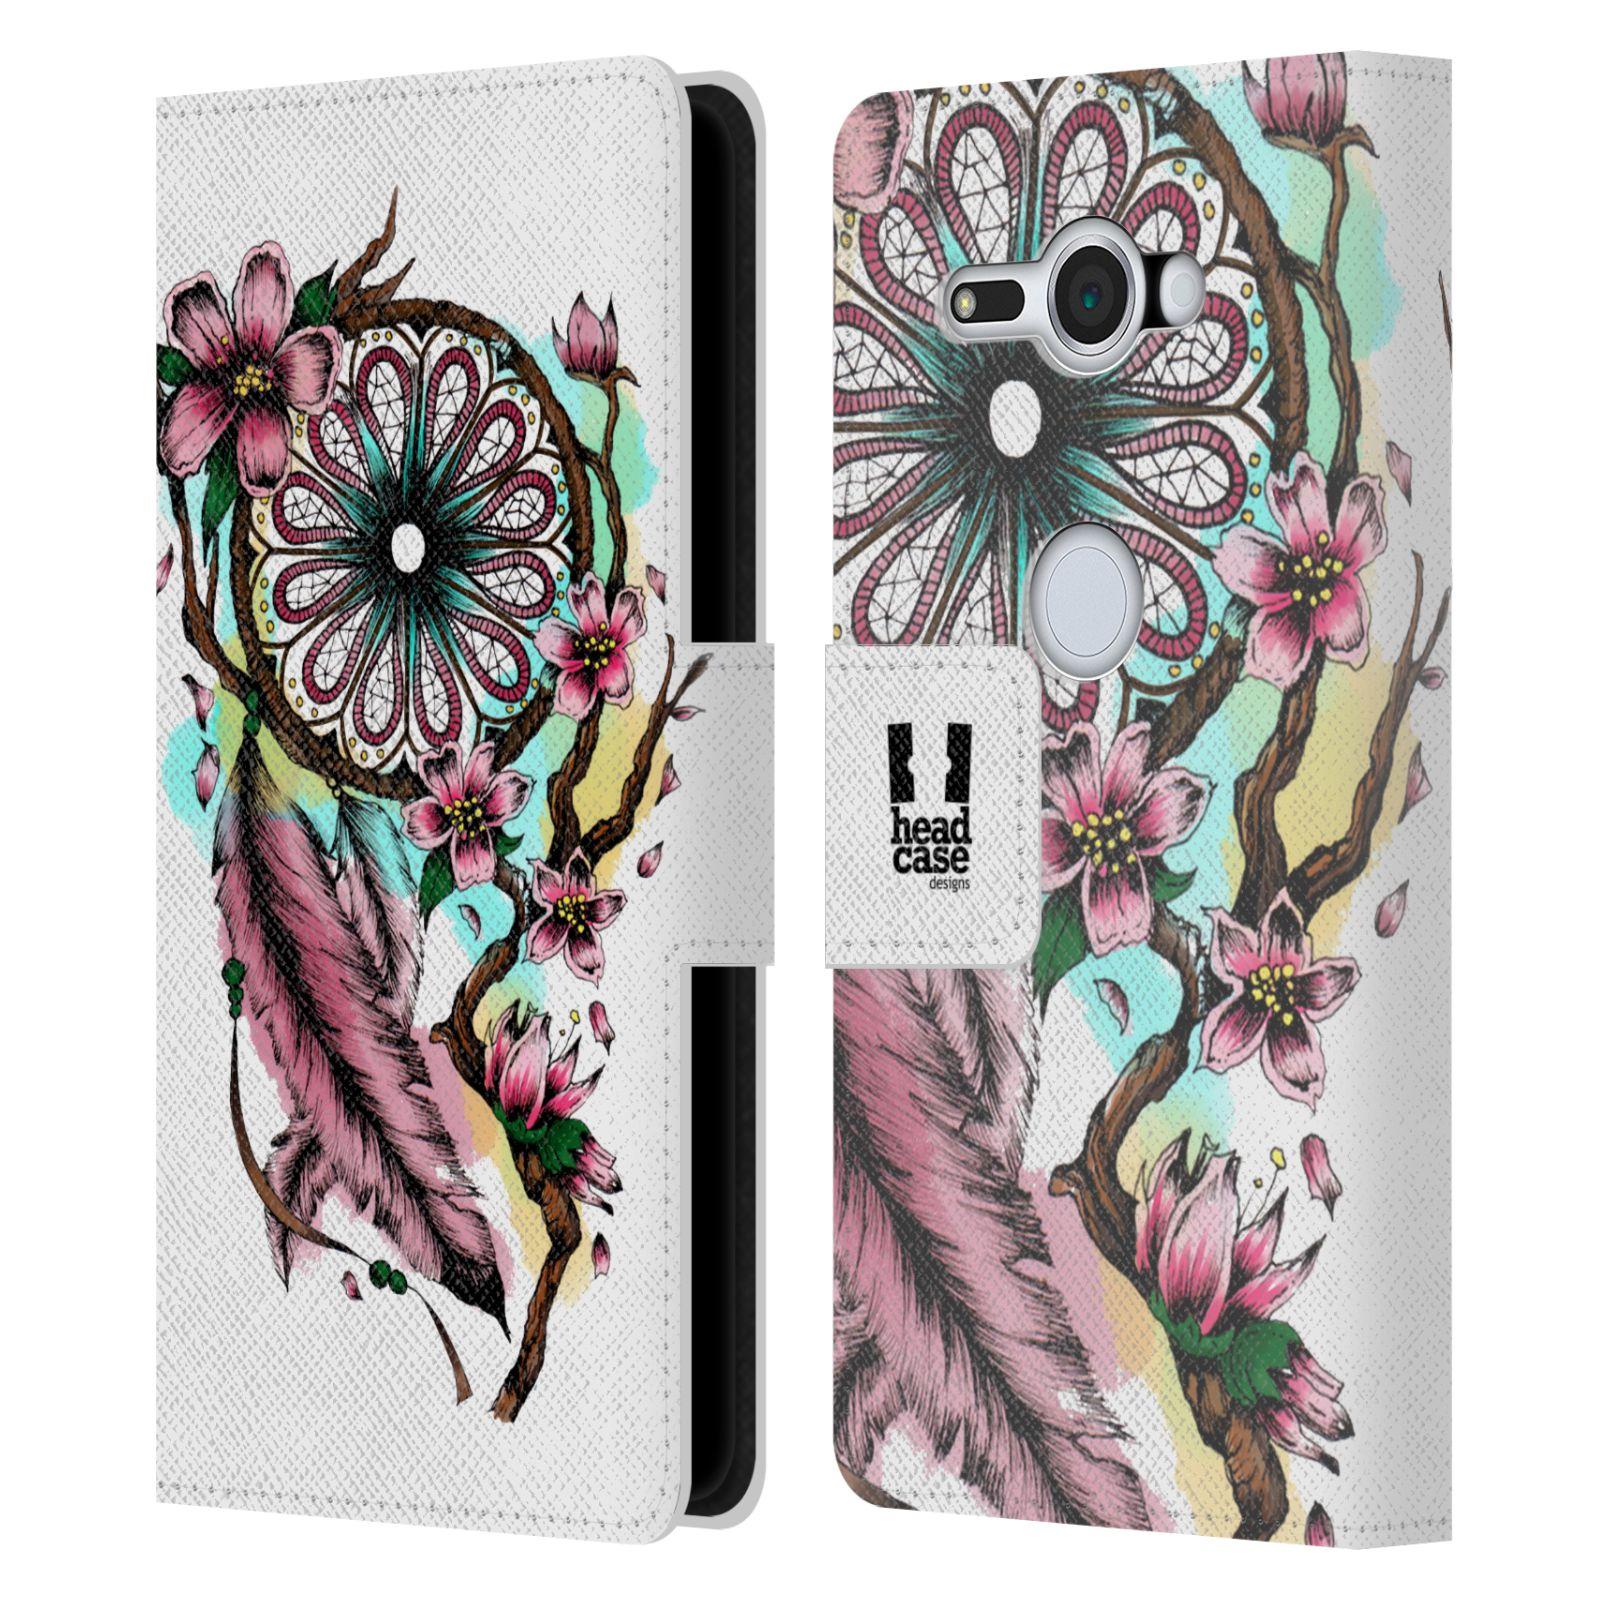 Pouzdro na mobil Sony Xperia XZ2 Compact - Head Case - Lapač snů květy fialová